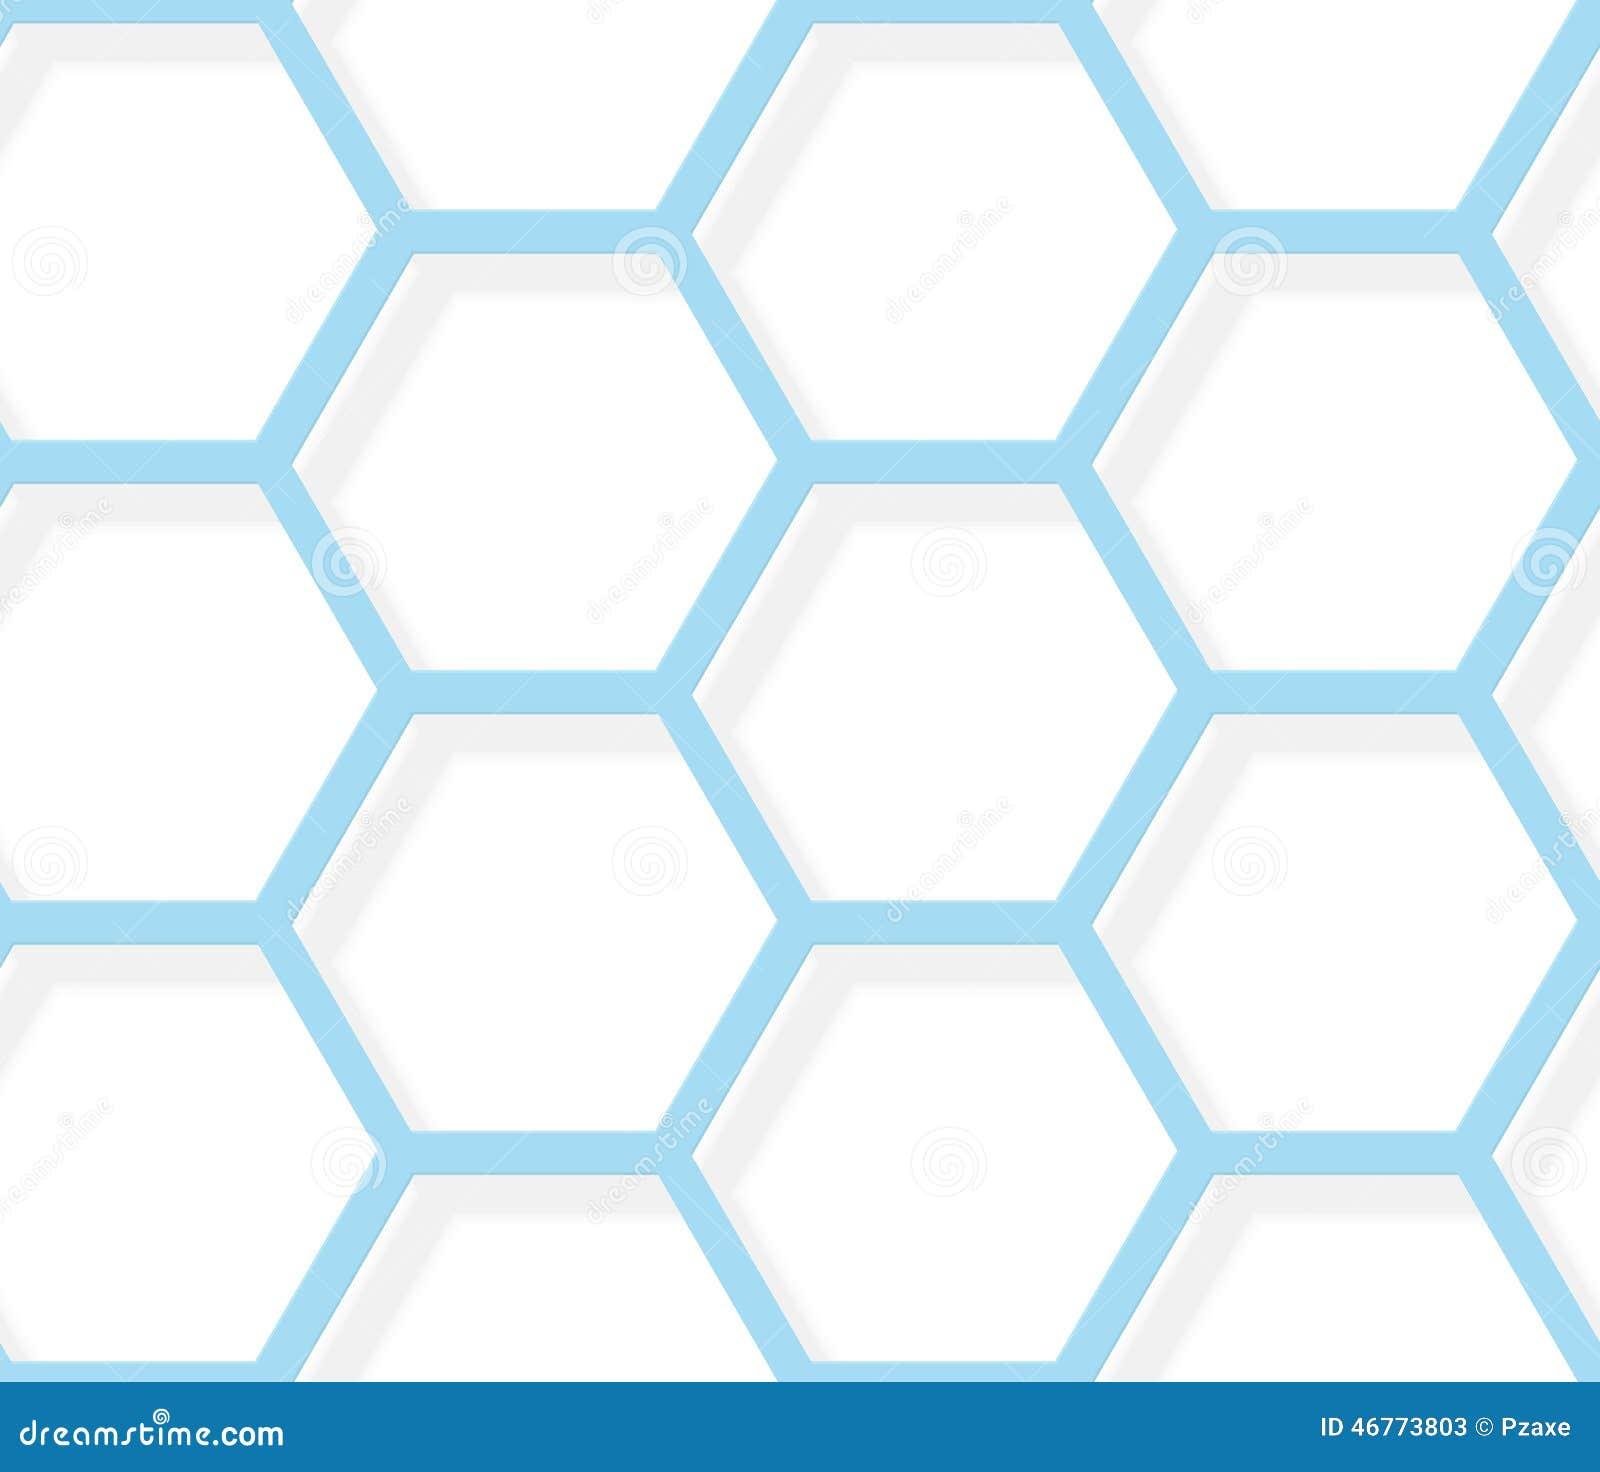 blue hexagonal pattern vector - photo #11